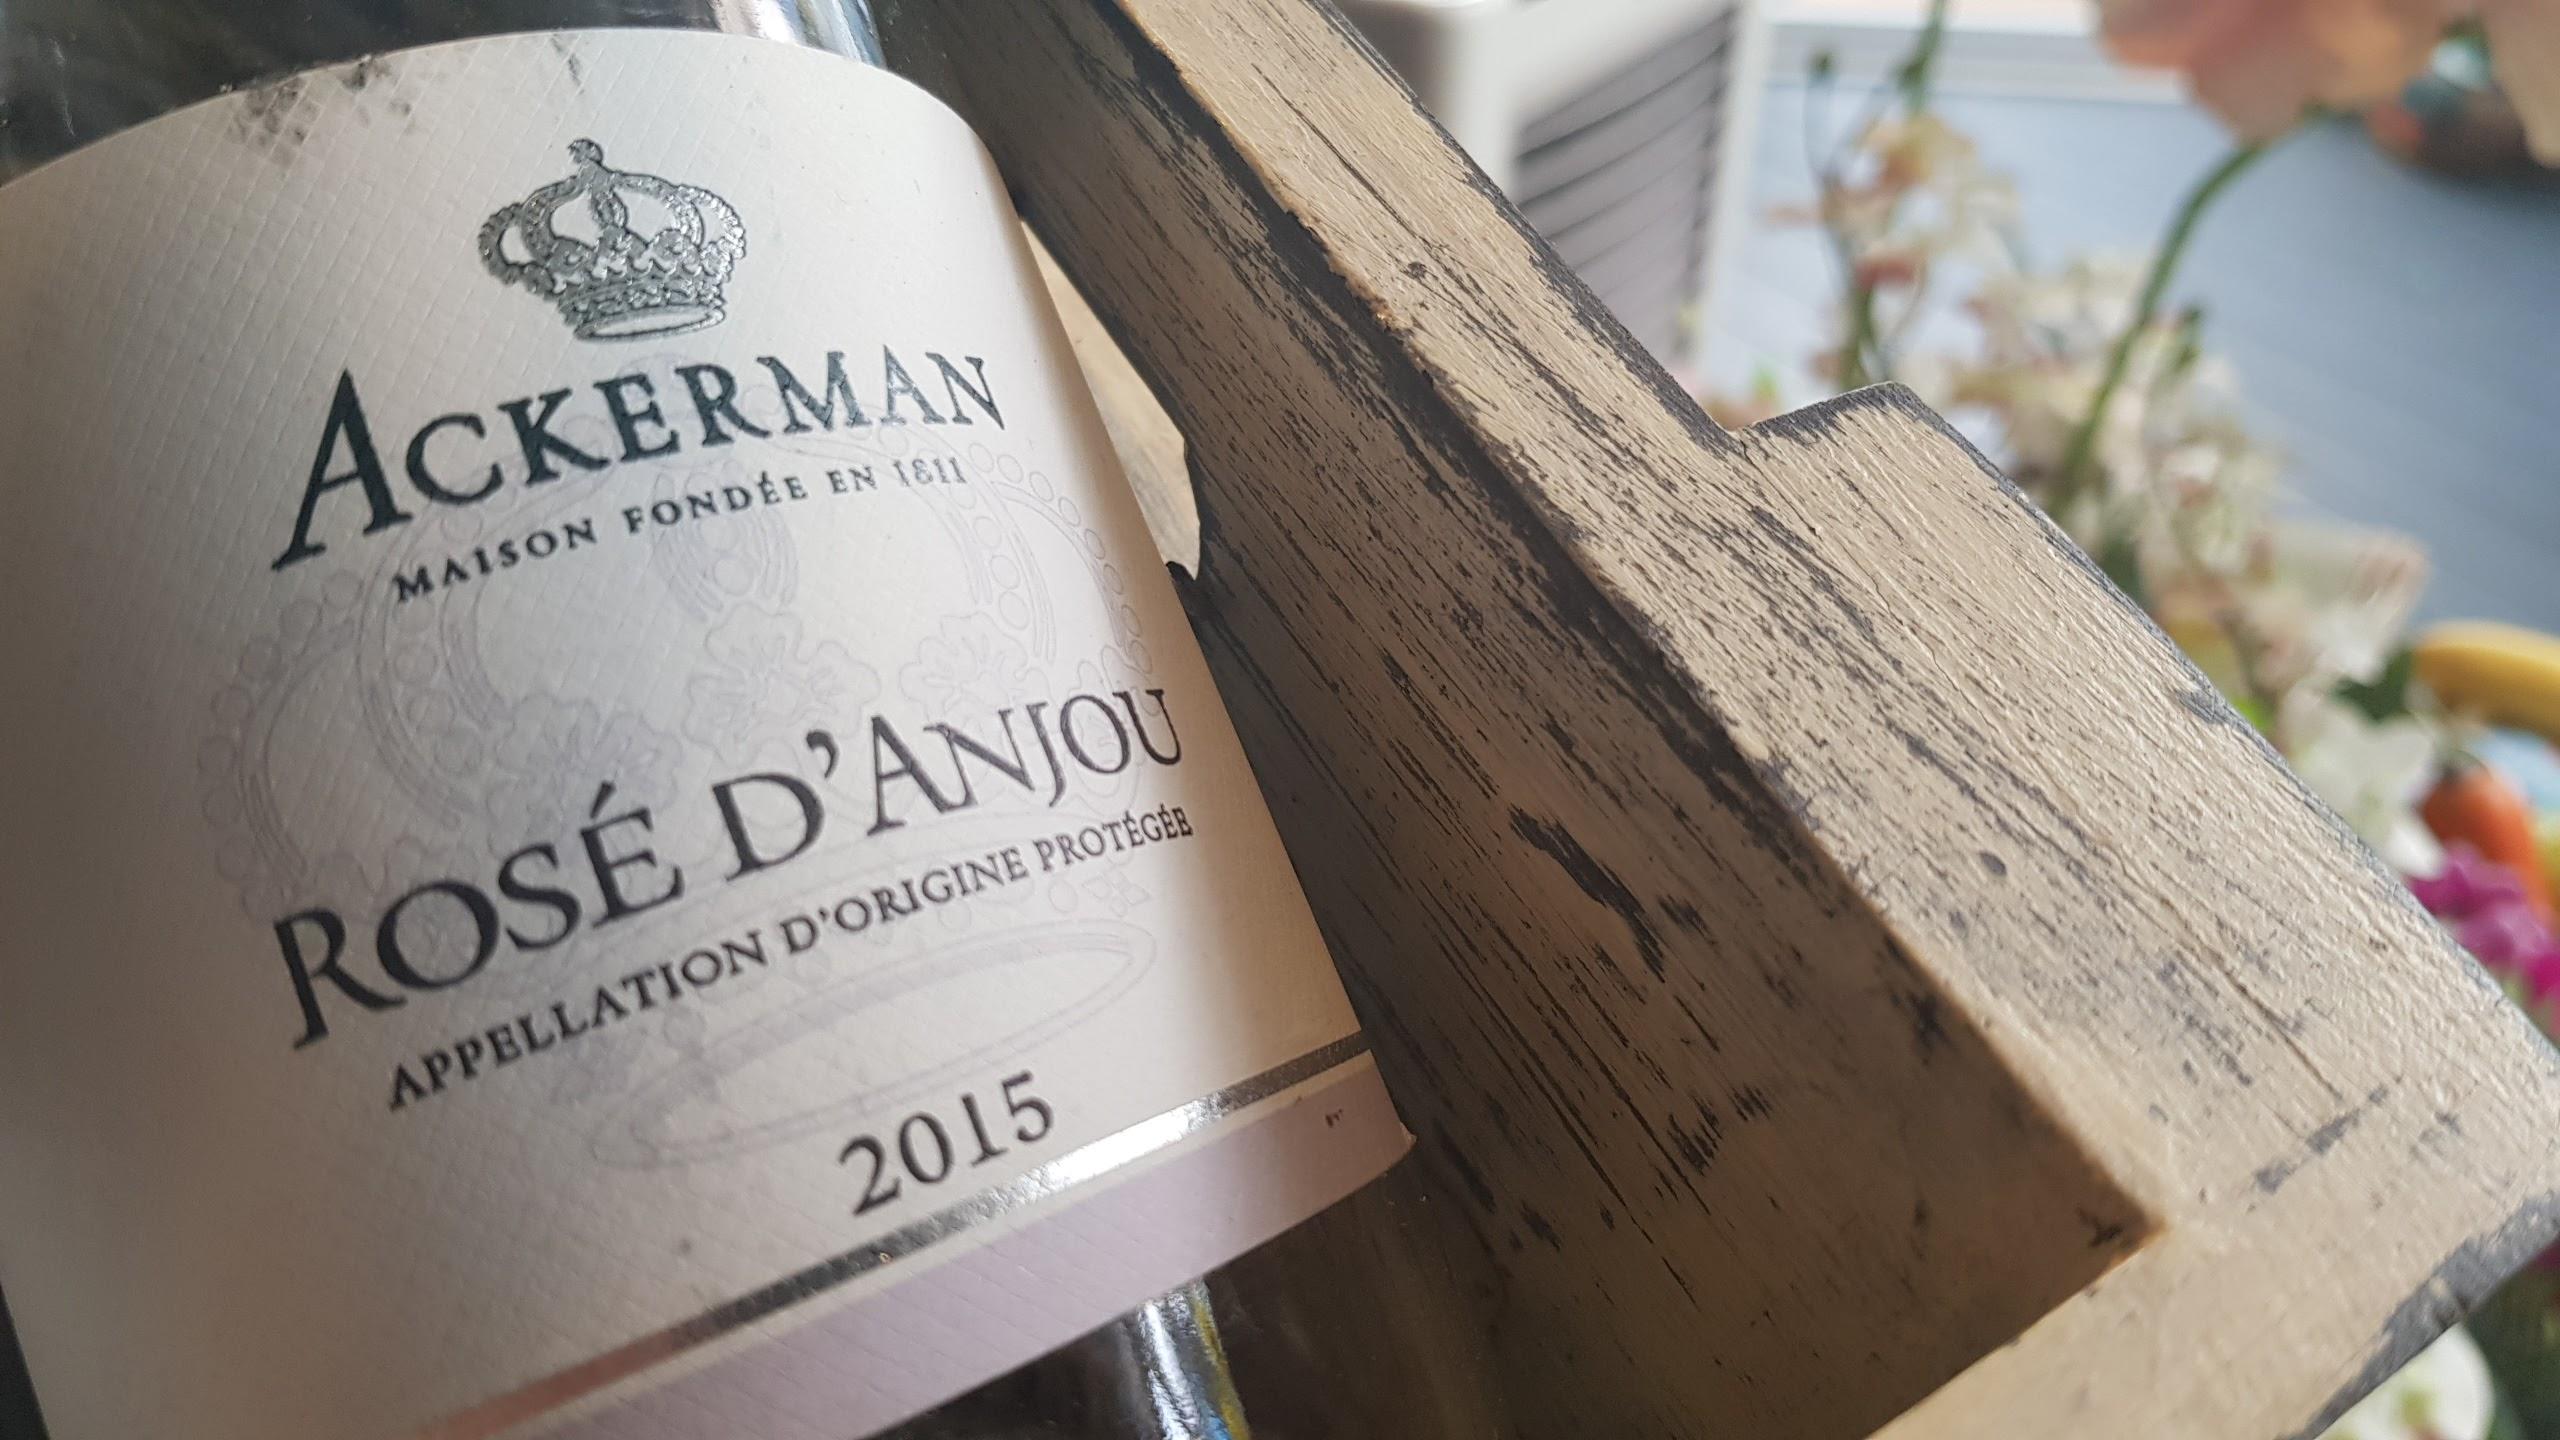 Wine - Rosé d'Anjou